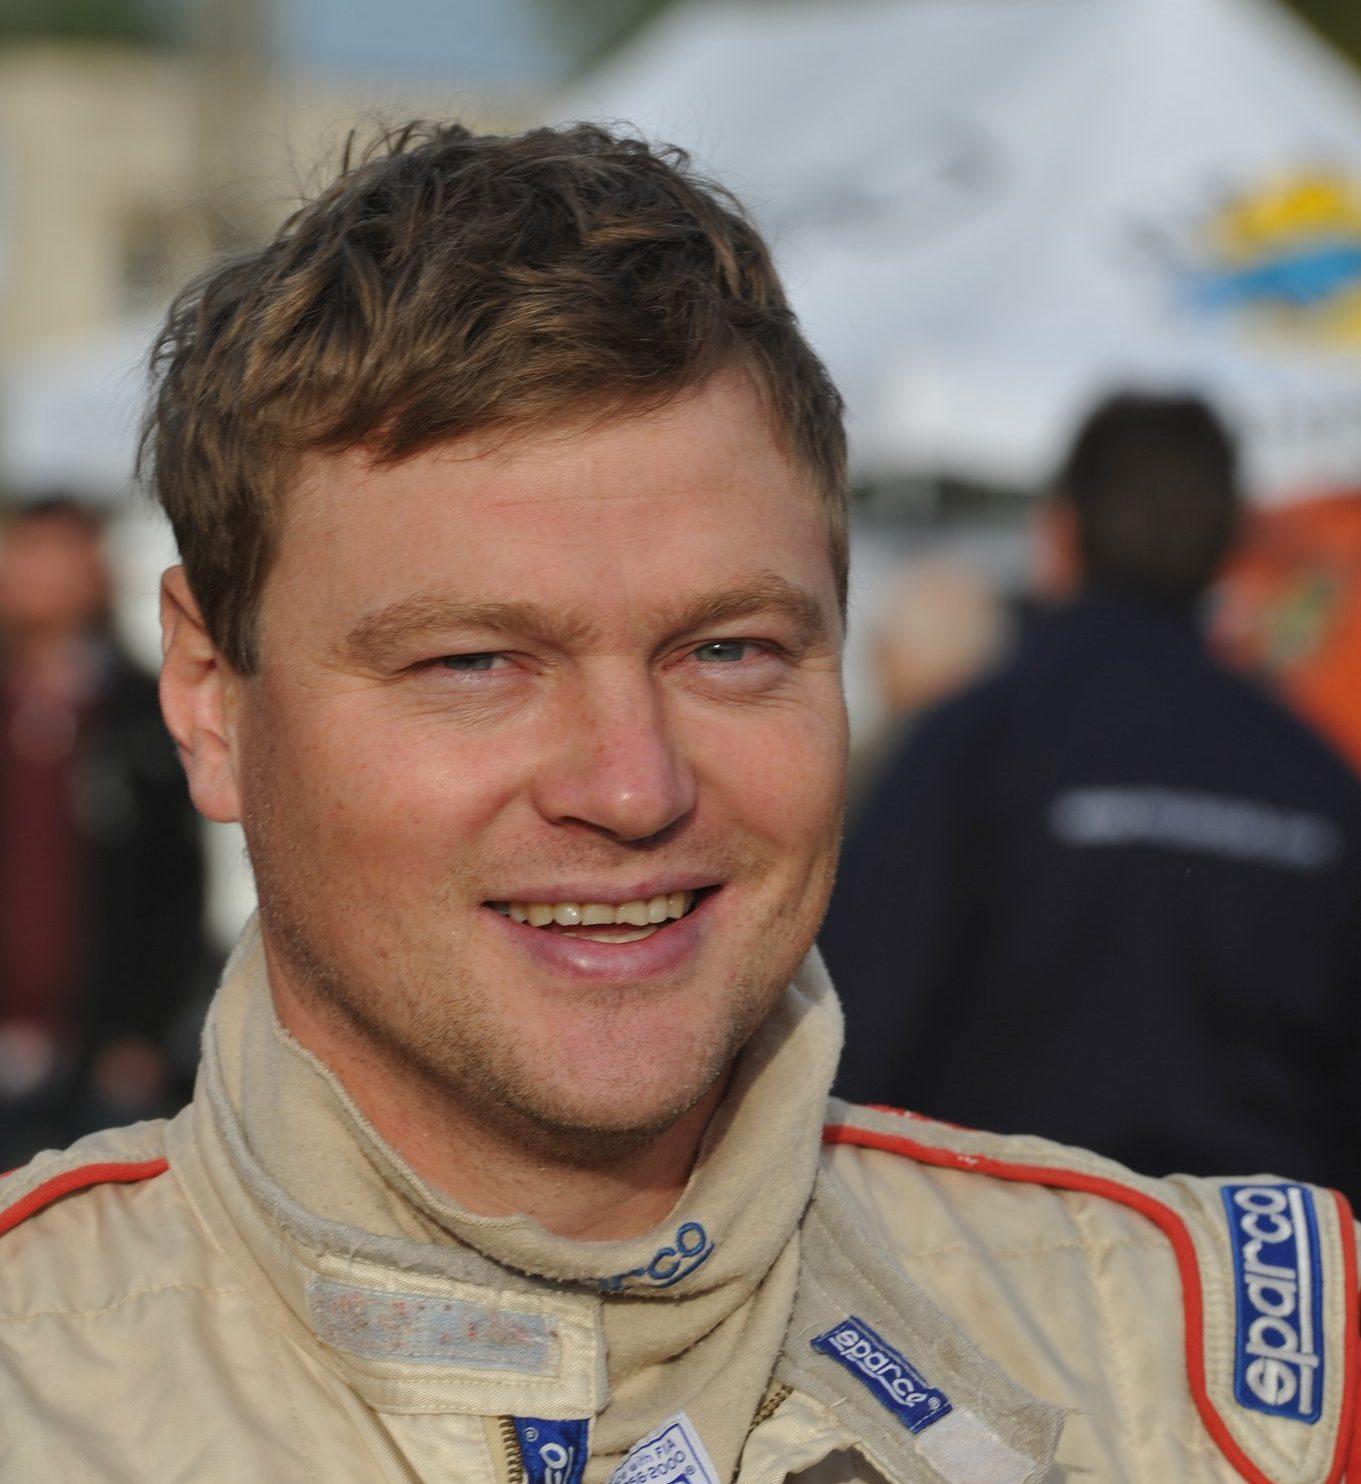 Евгений Павлов из Твери стал шестикратным чемпионом России по ралли-рейдам